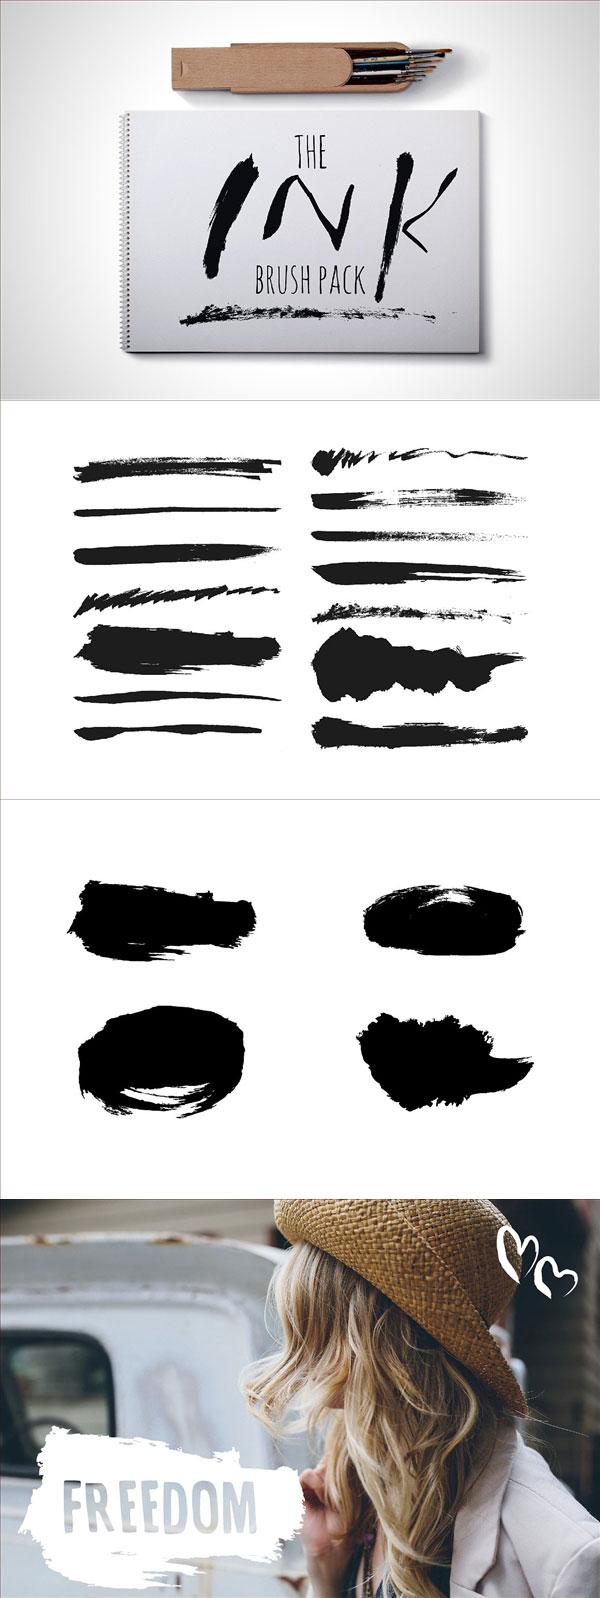 水墨笔刷背景